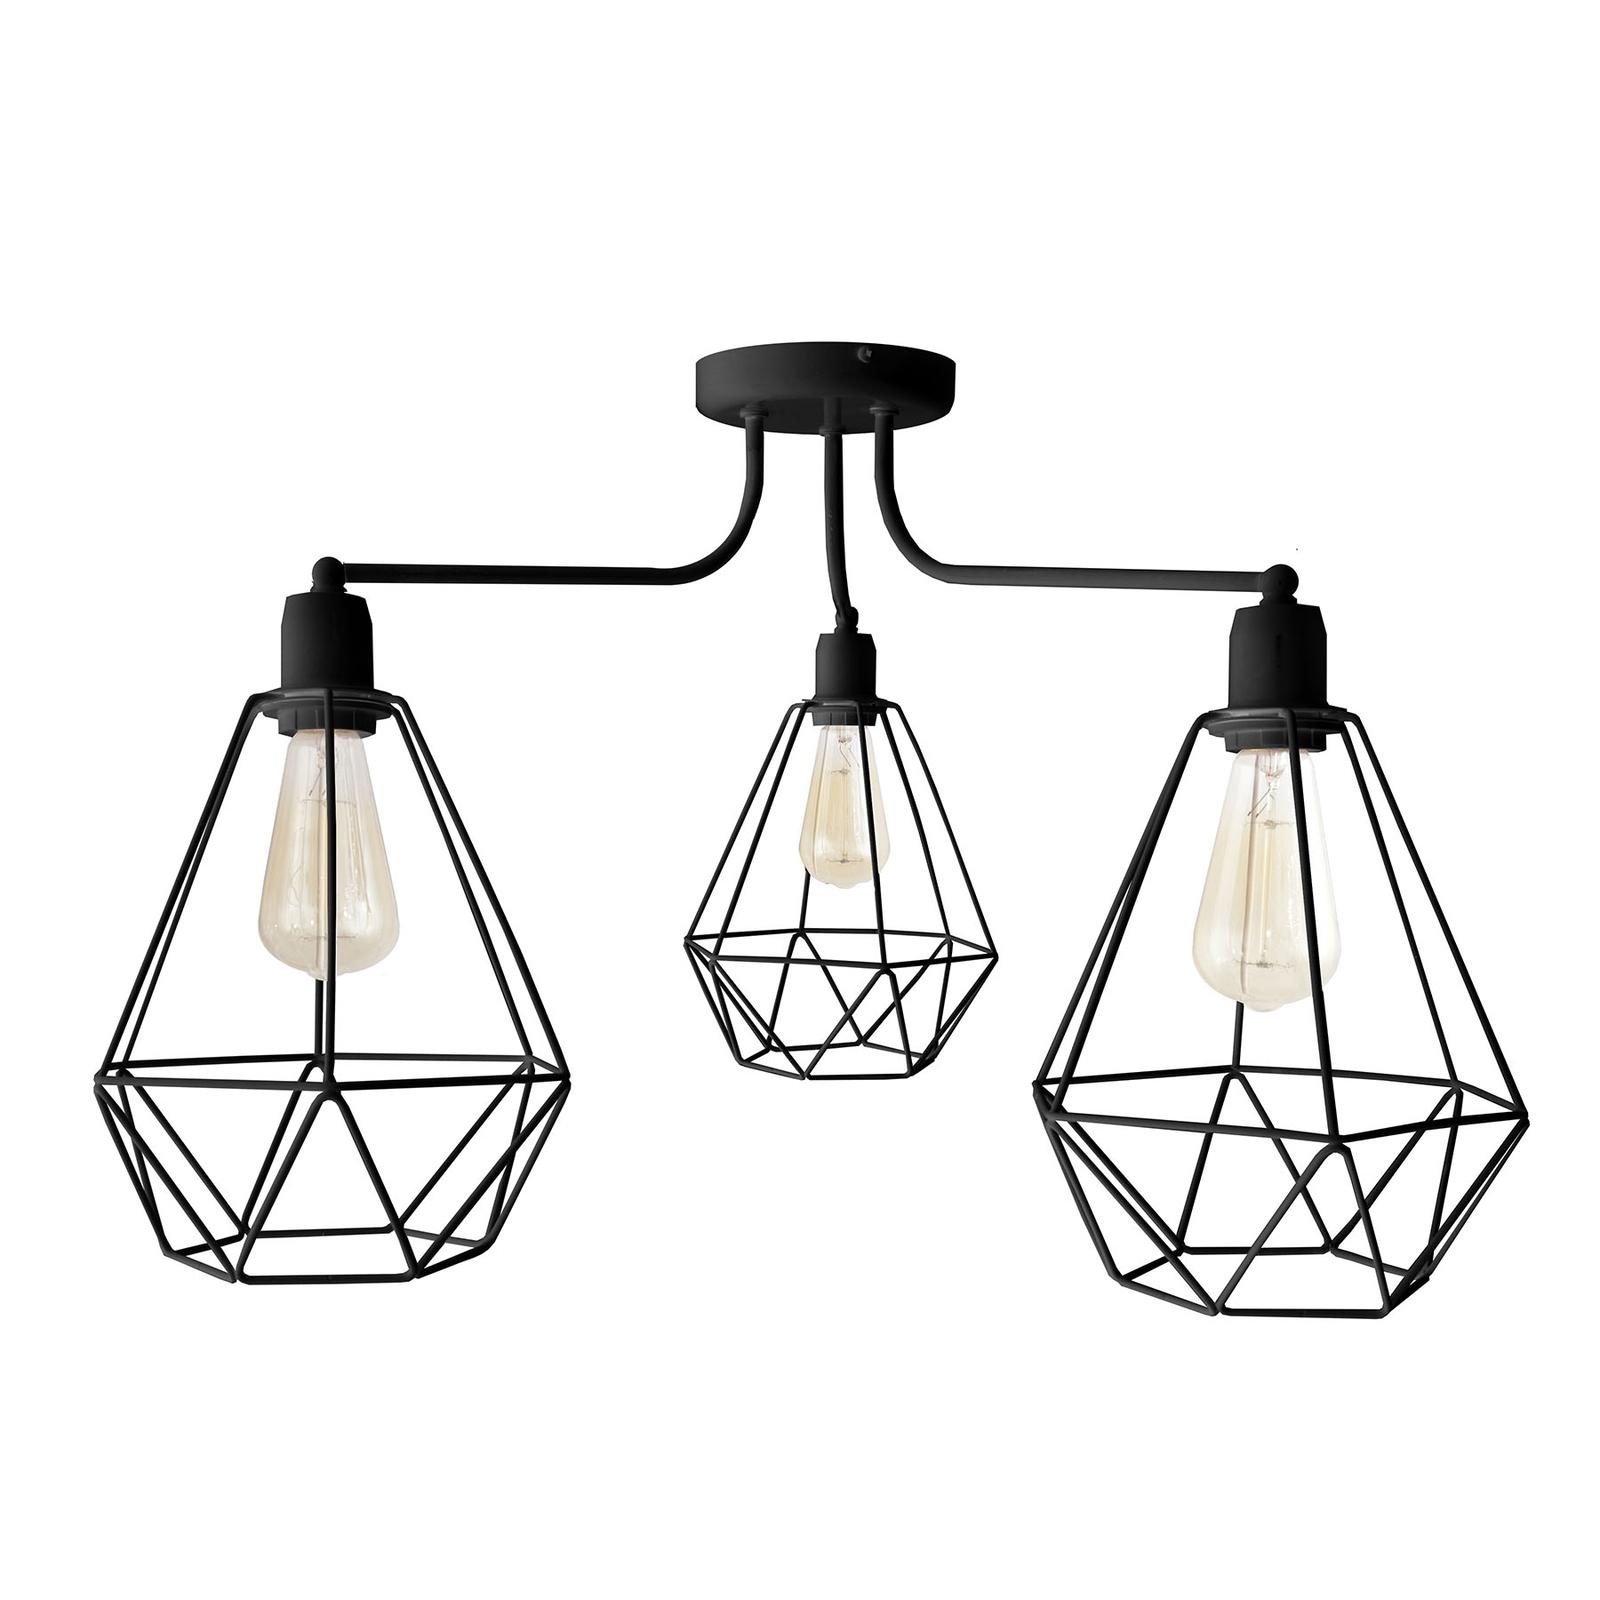 Plafonnier Karo à 3 lampes noir